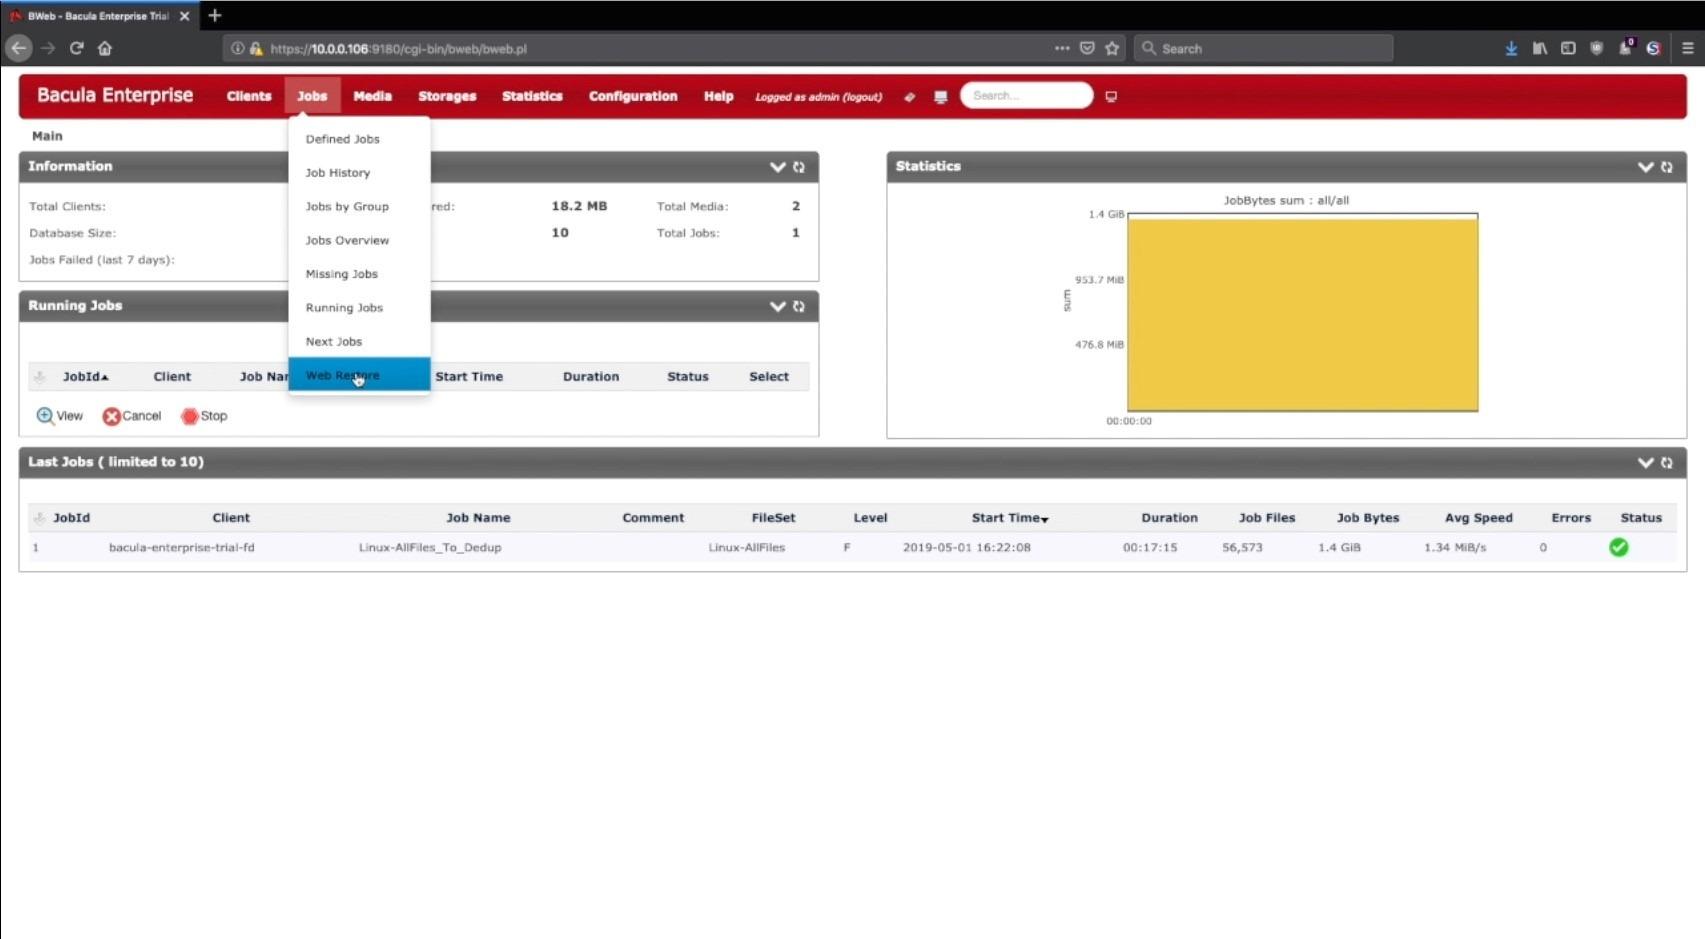 bweb management suite